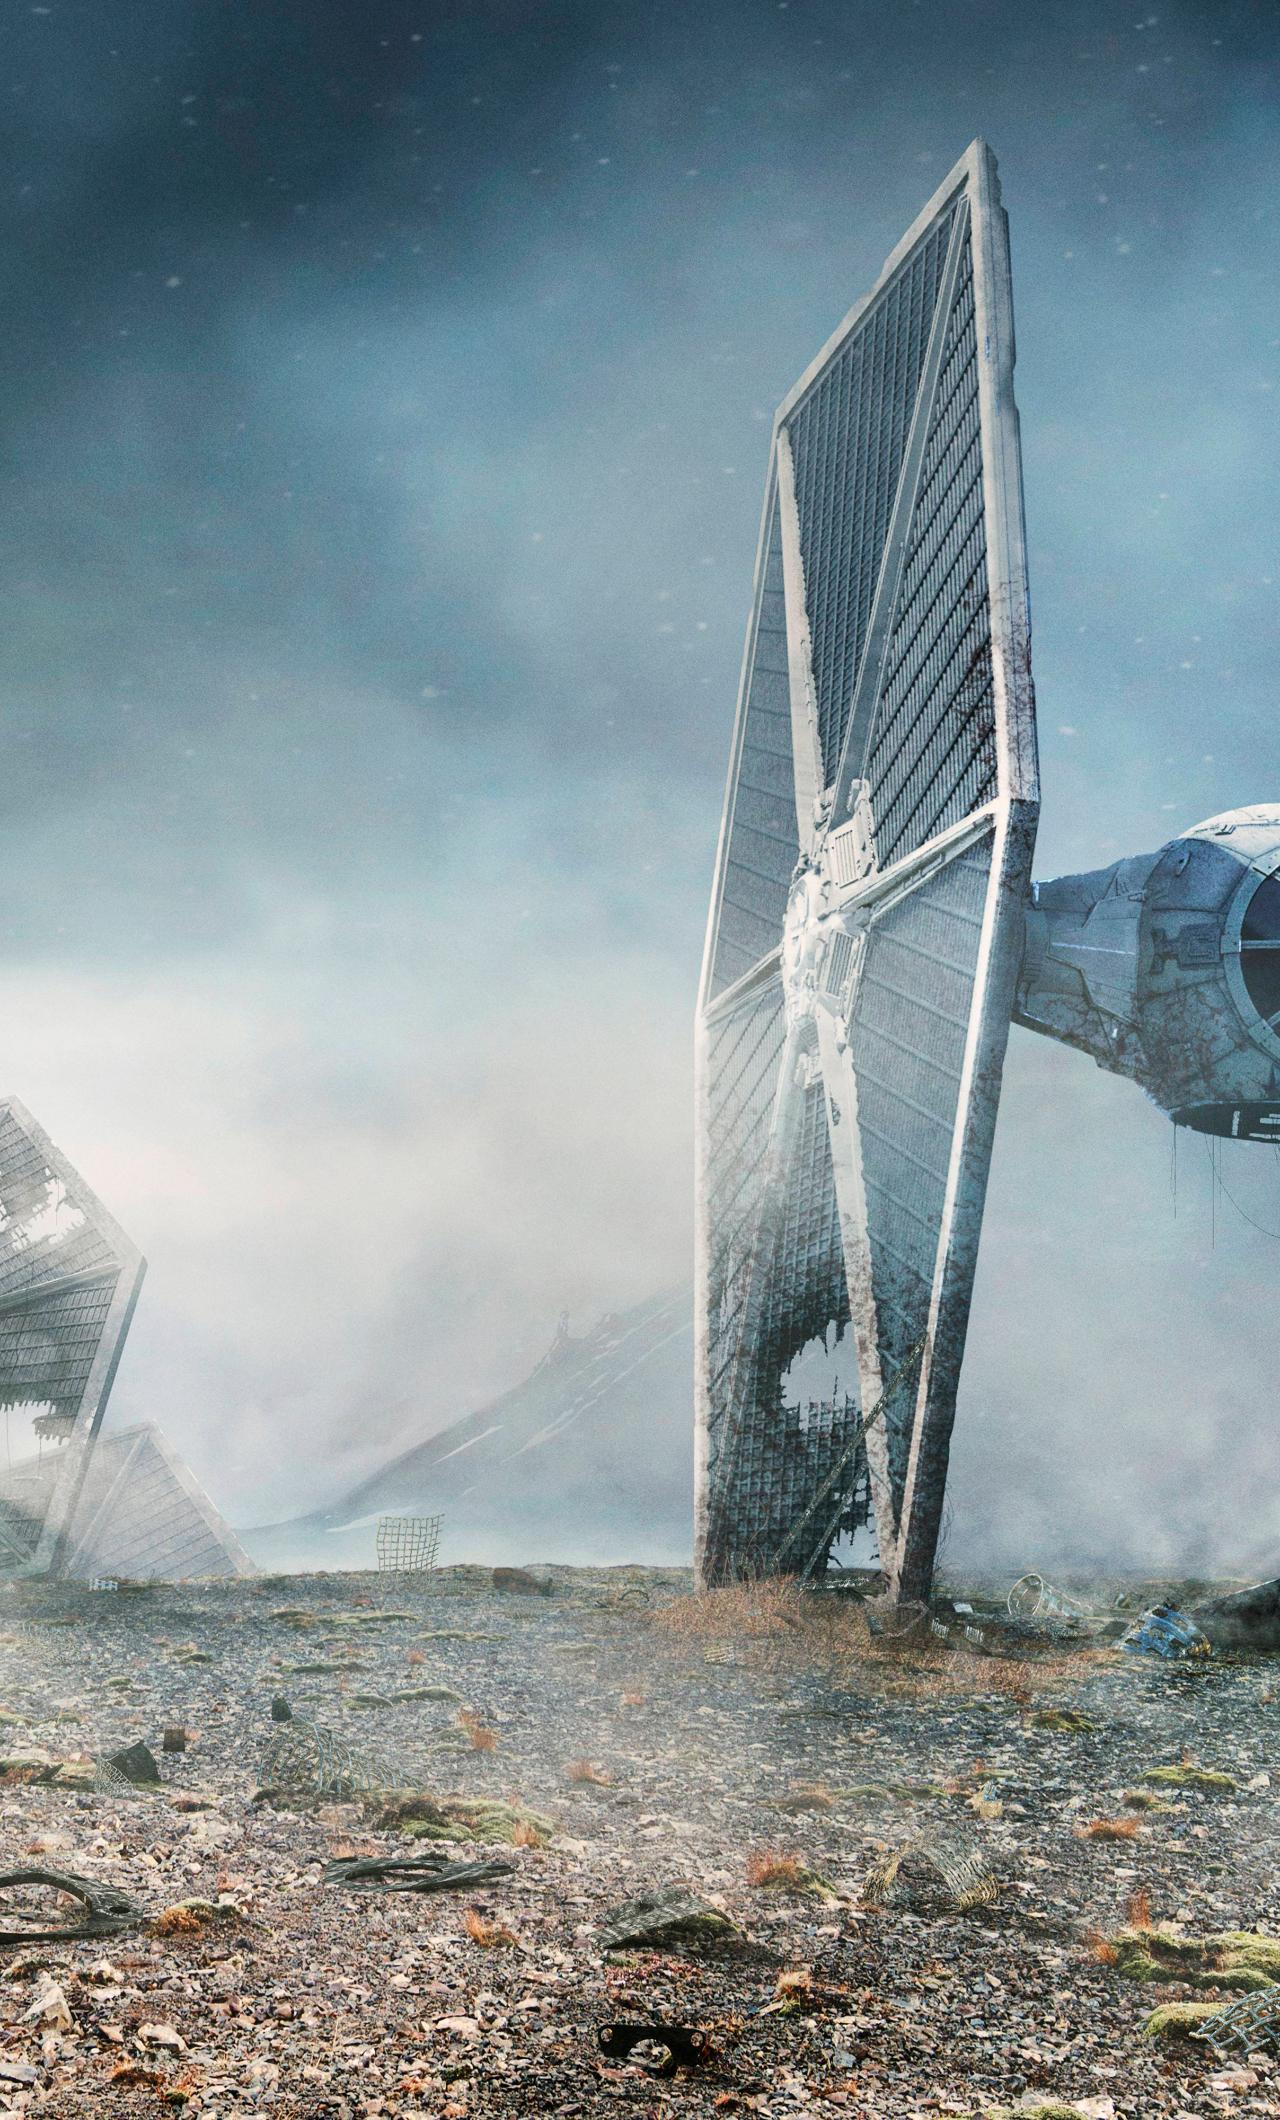 Tie Fighter Star Wars Hd 8k Wallpaper